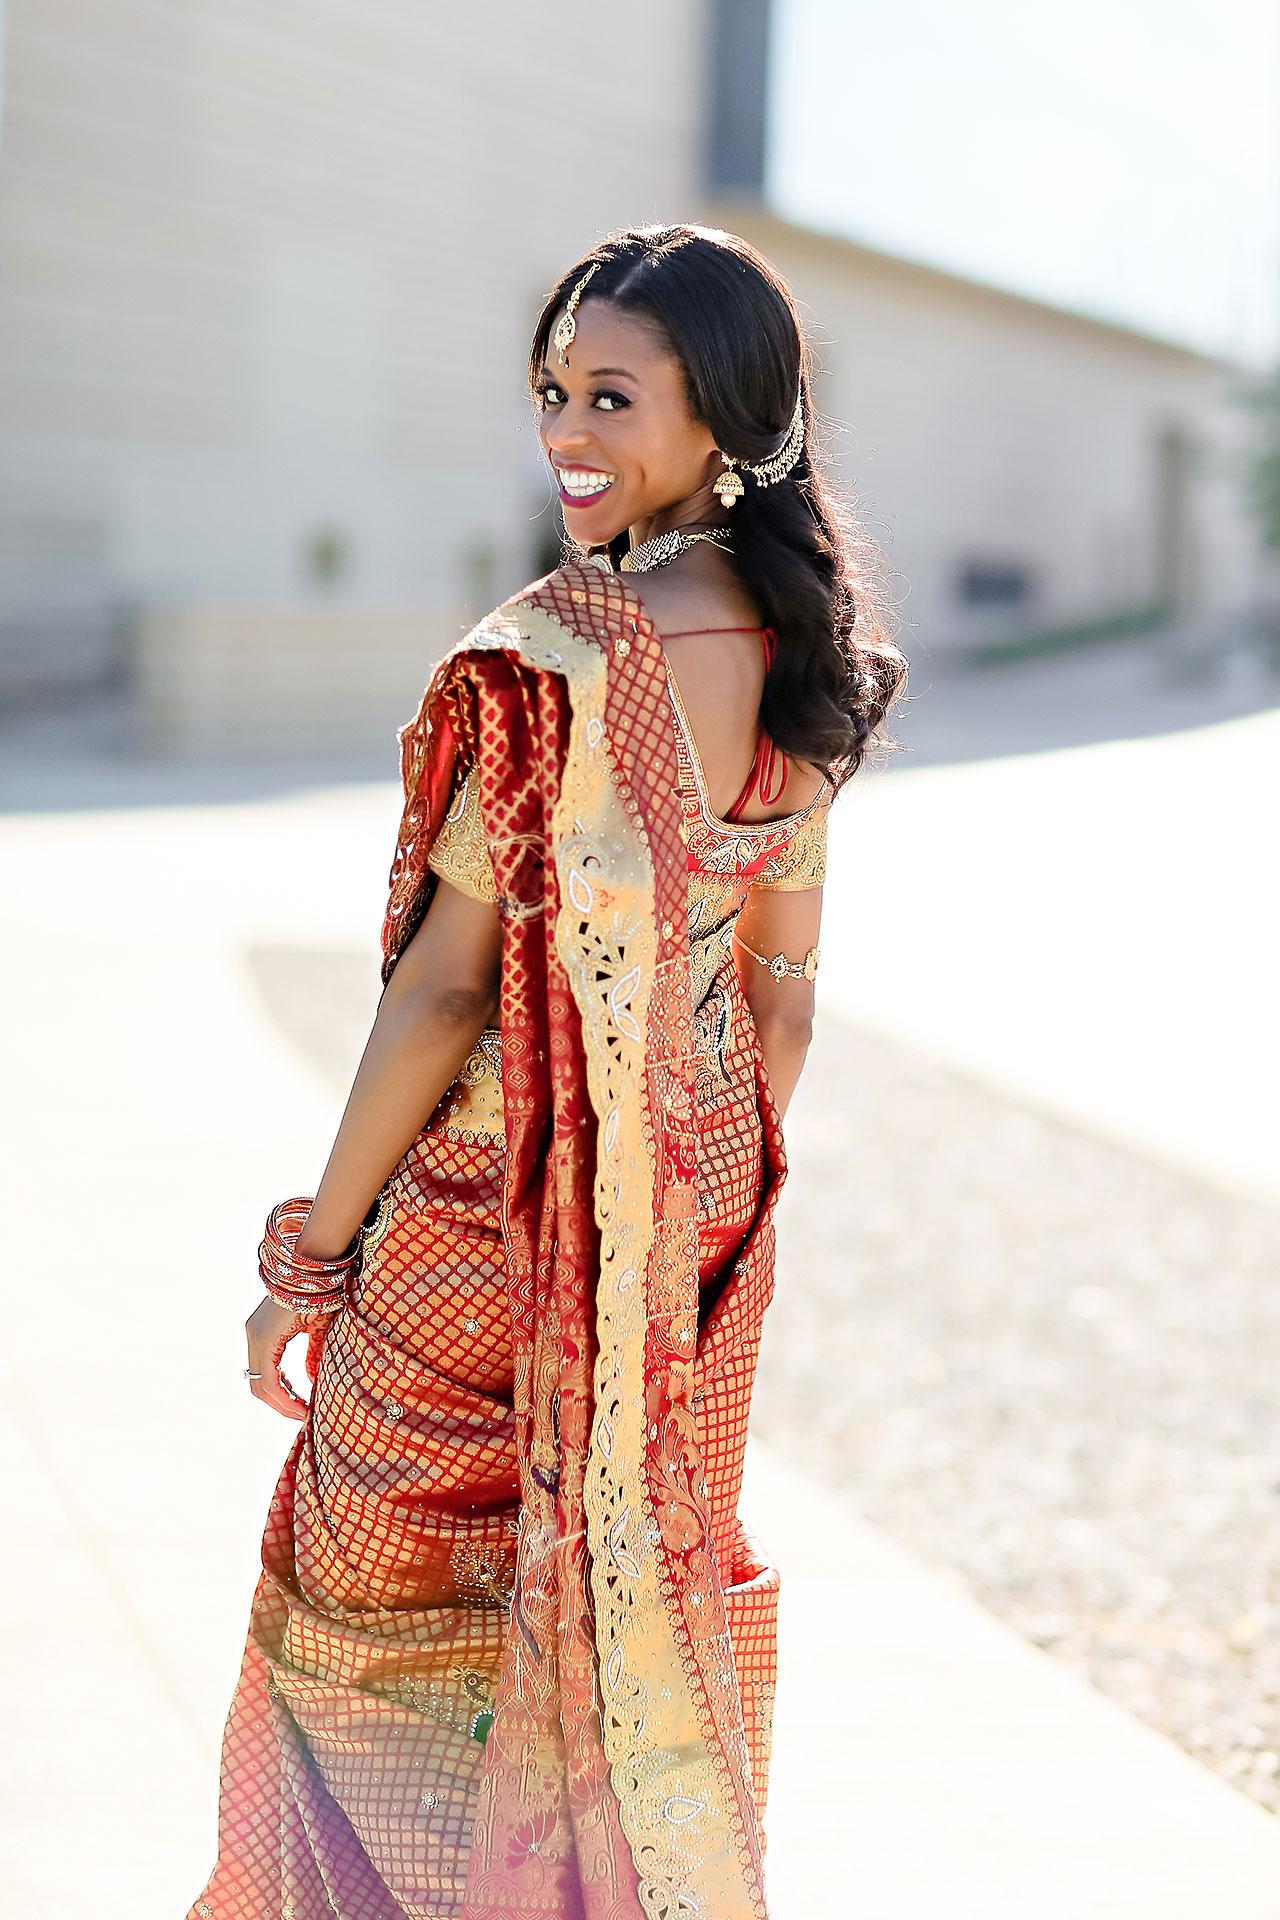 Joie Nikhil JW Marriott Indian Wedding 045